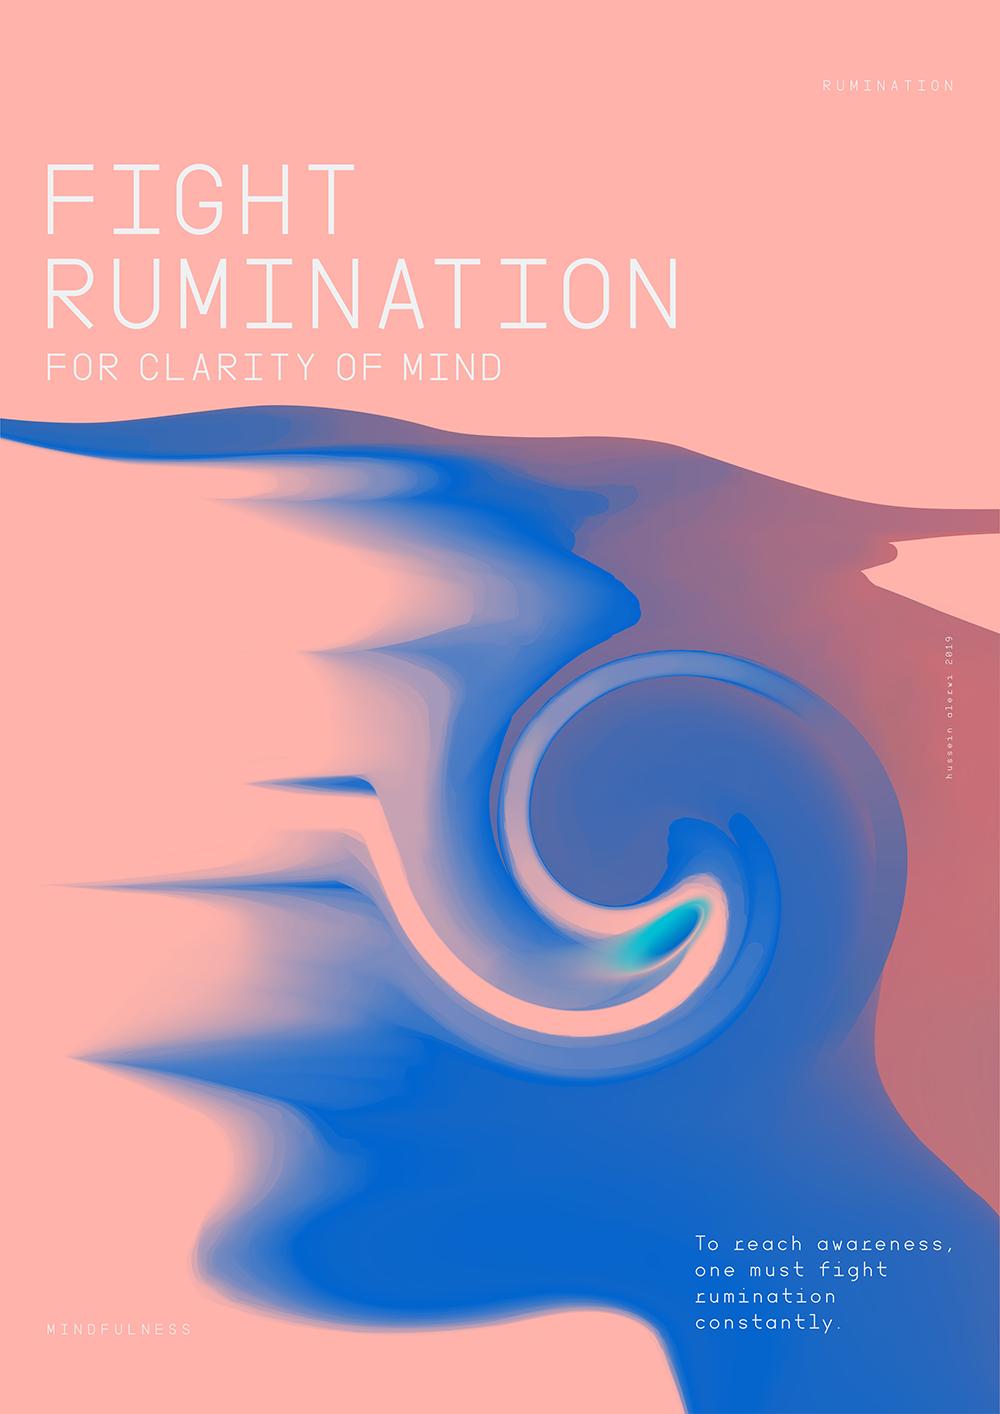 RUMINATION-Fight